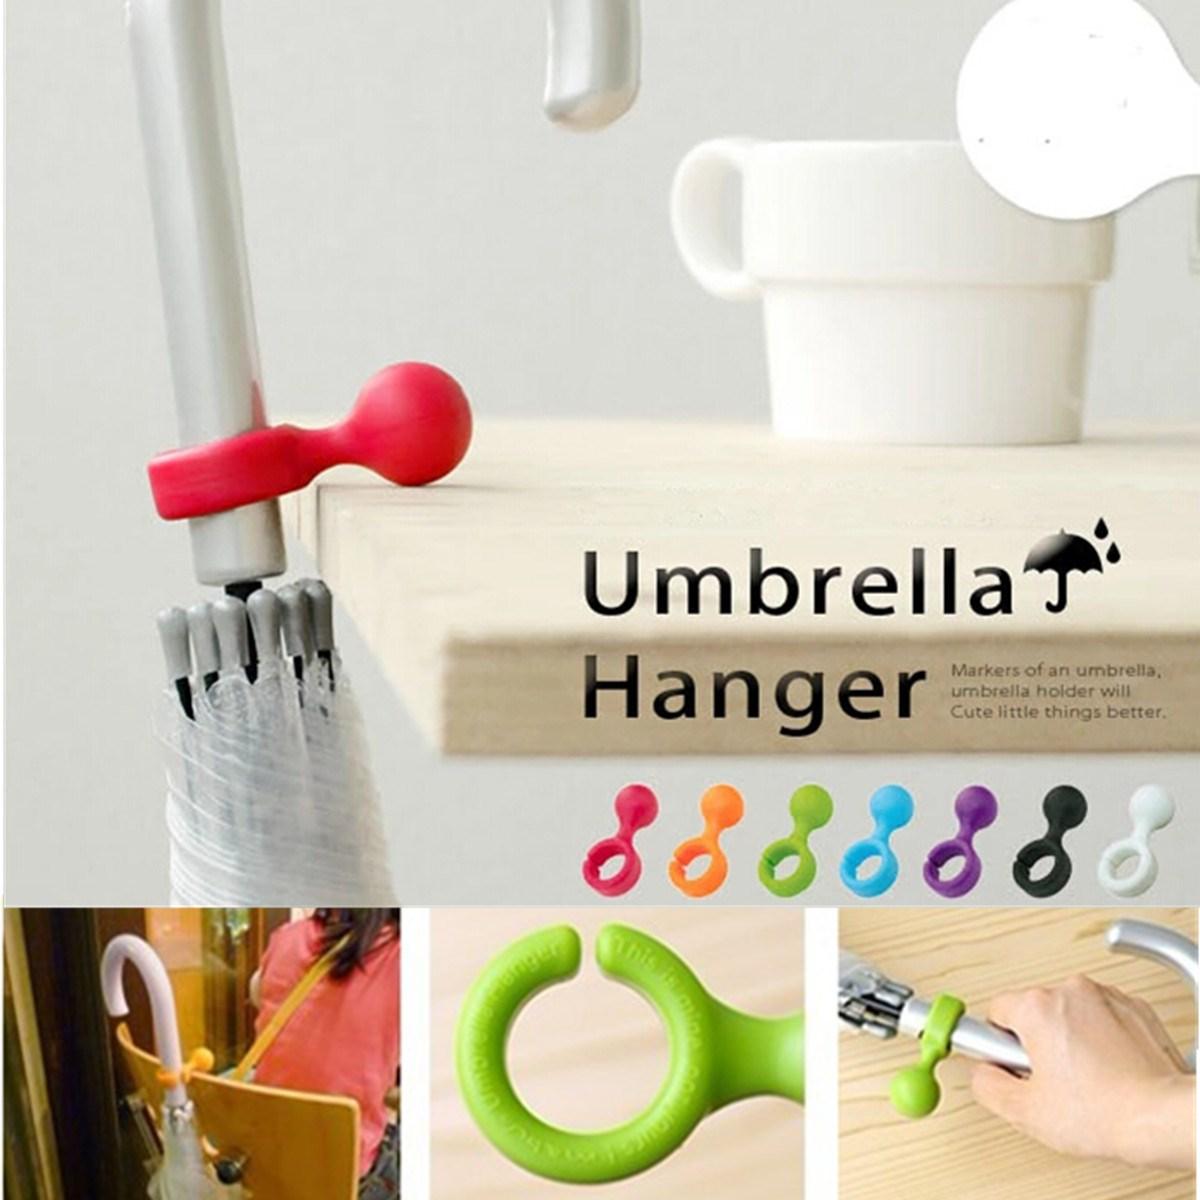 современный дизайн милый пластиковый удобный мини-зонт